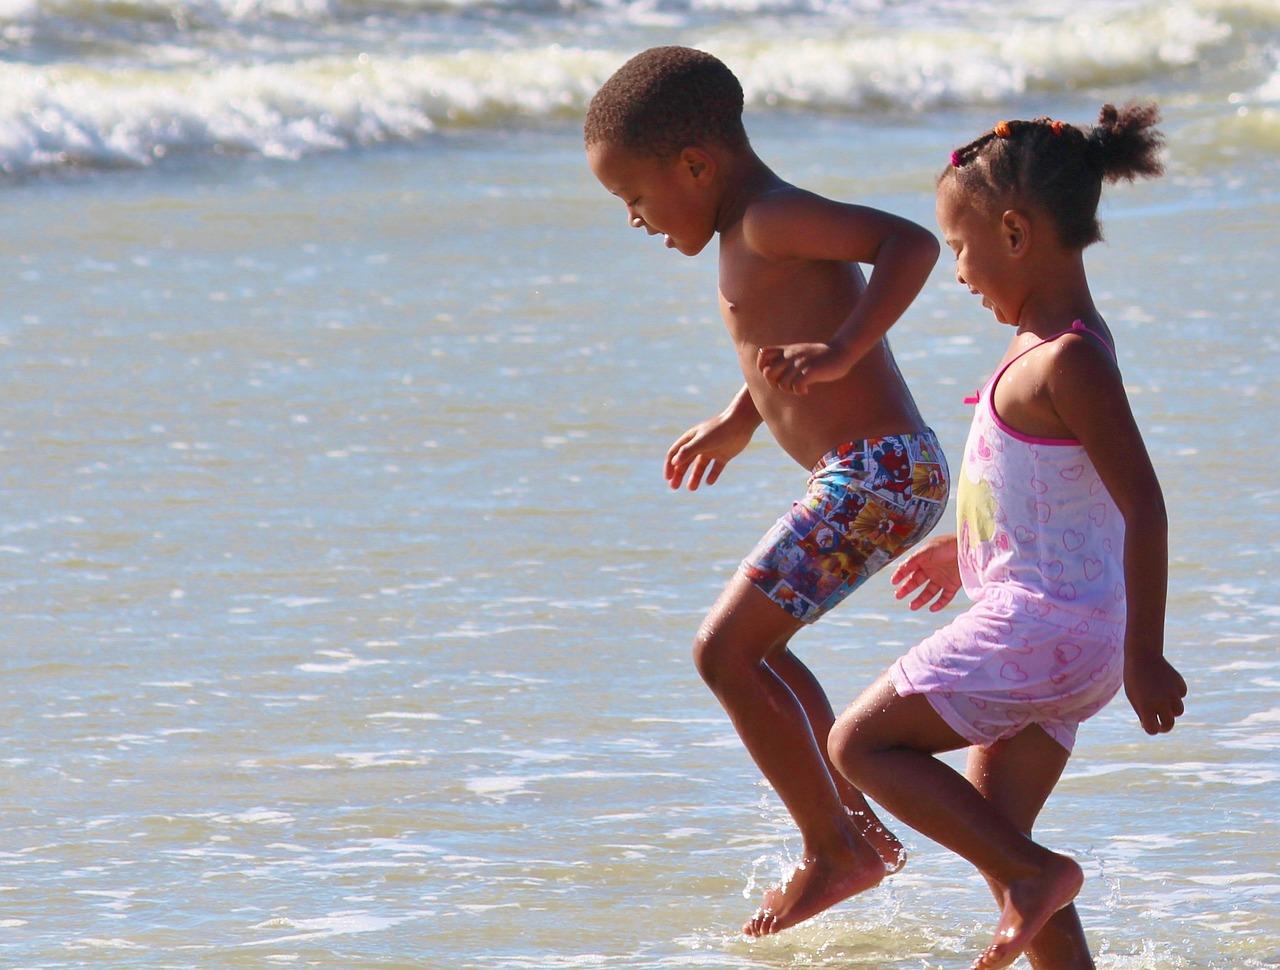 фото дикий пляж пары с детьми нами